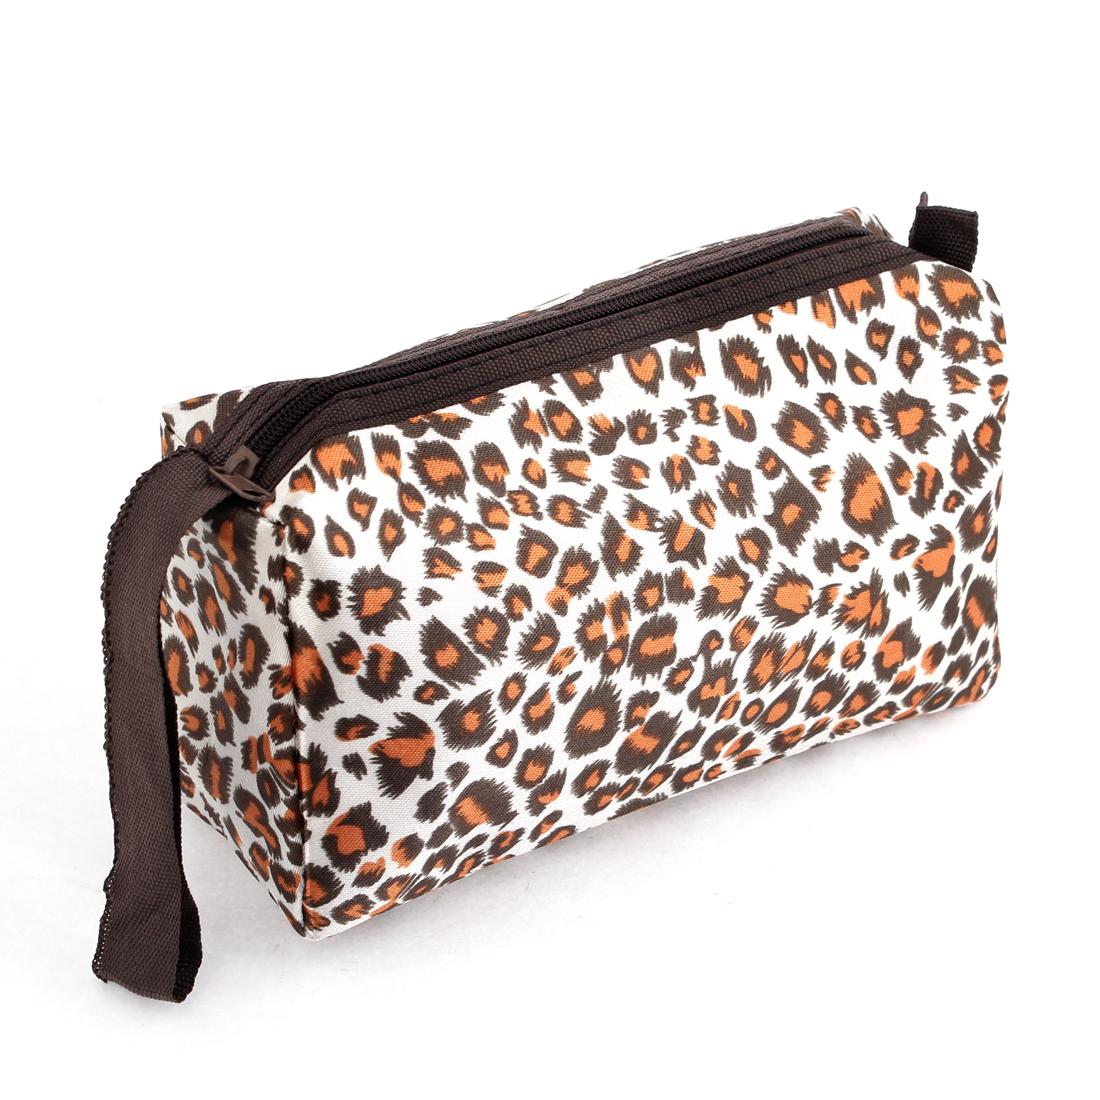 Ladies Beige Brown Black Leopard Print Zipper Cosmetic Handbag Bag